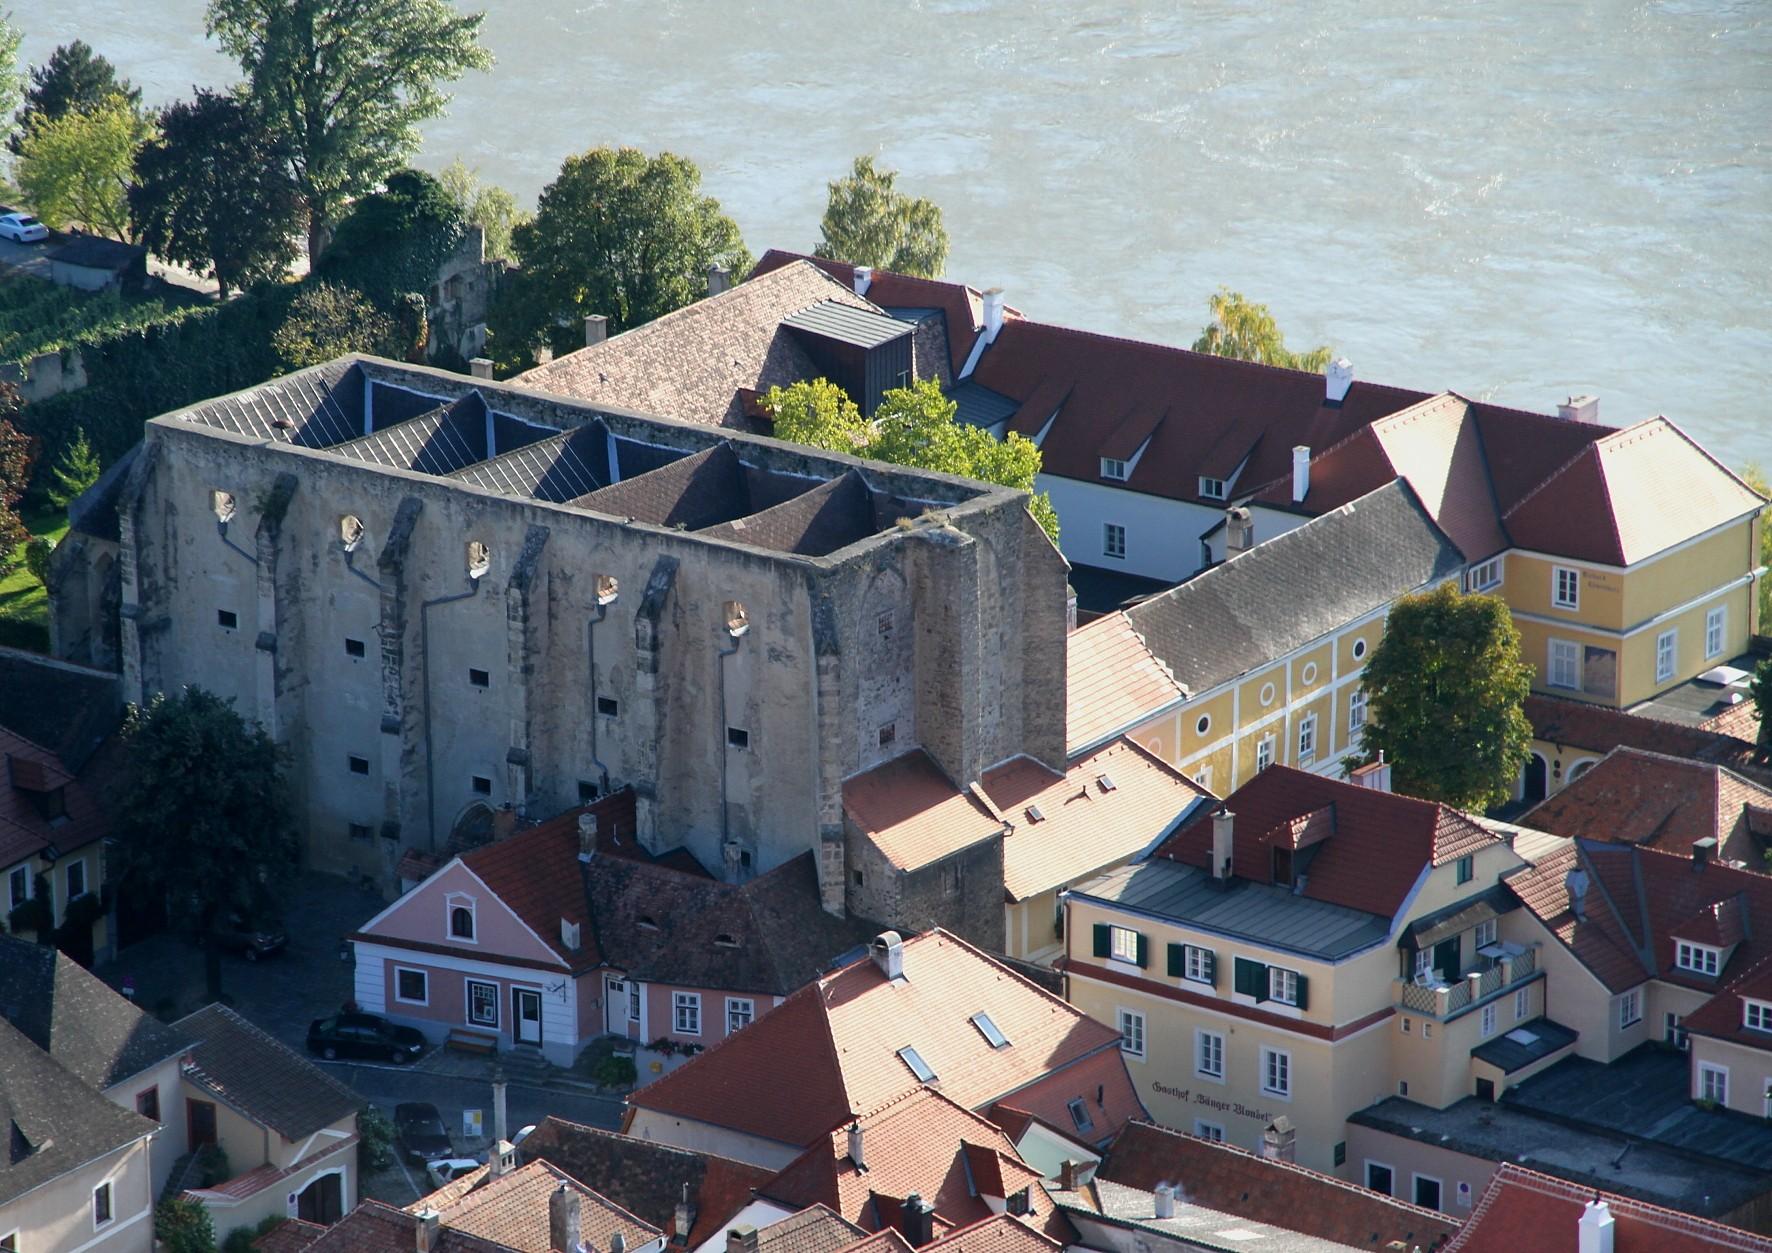 Kościół Klarysek, Duernstein, Niederösterreich, Österreich